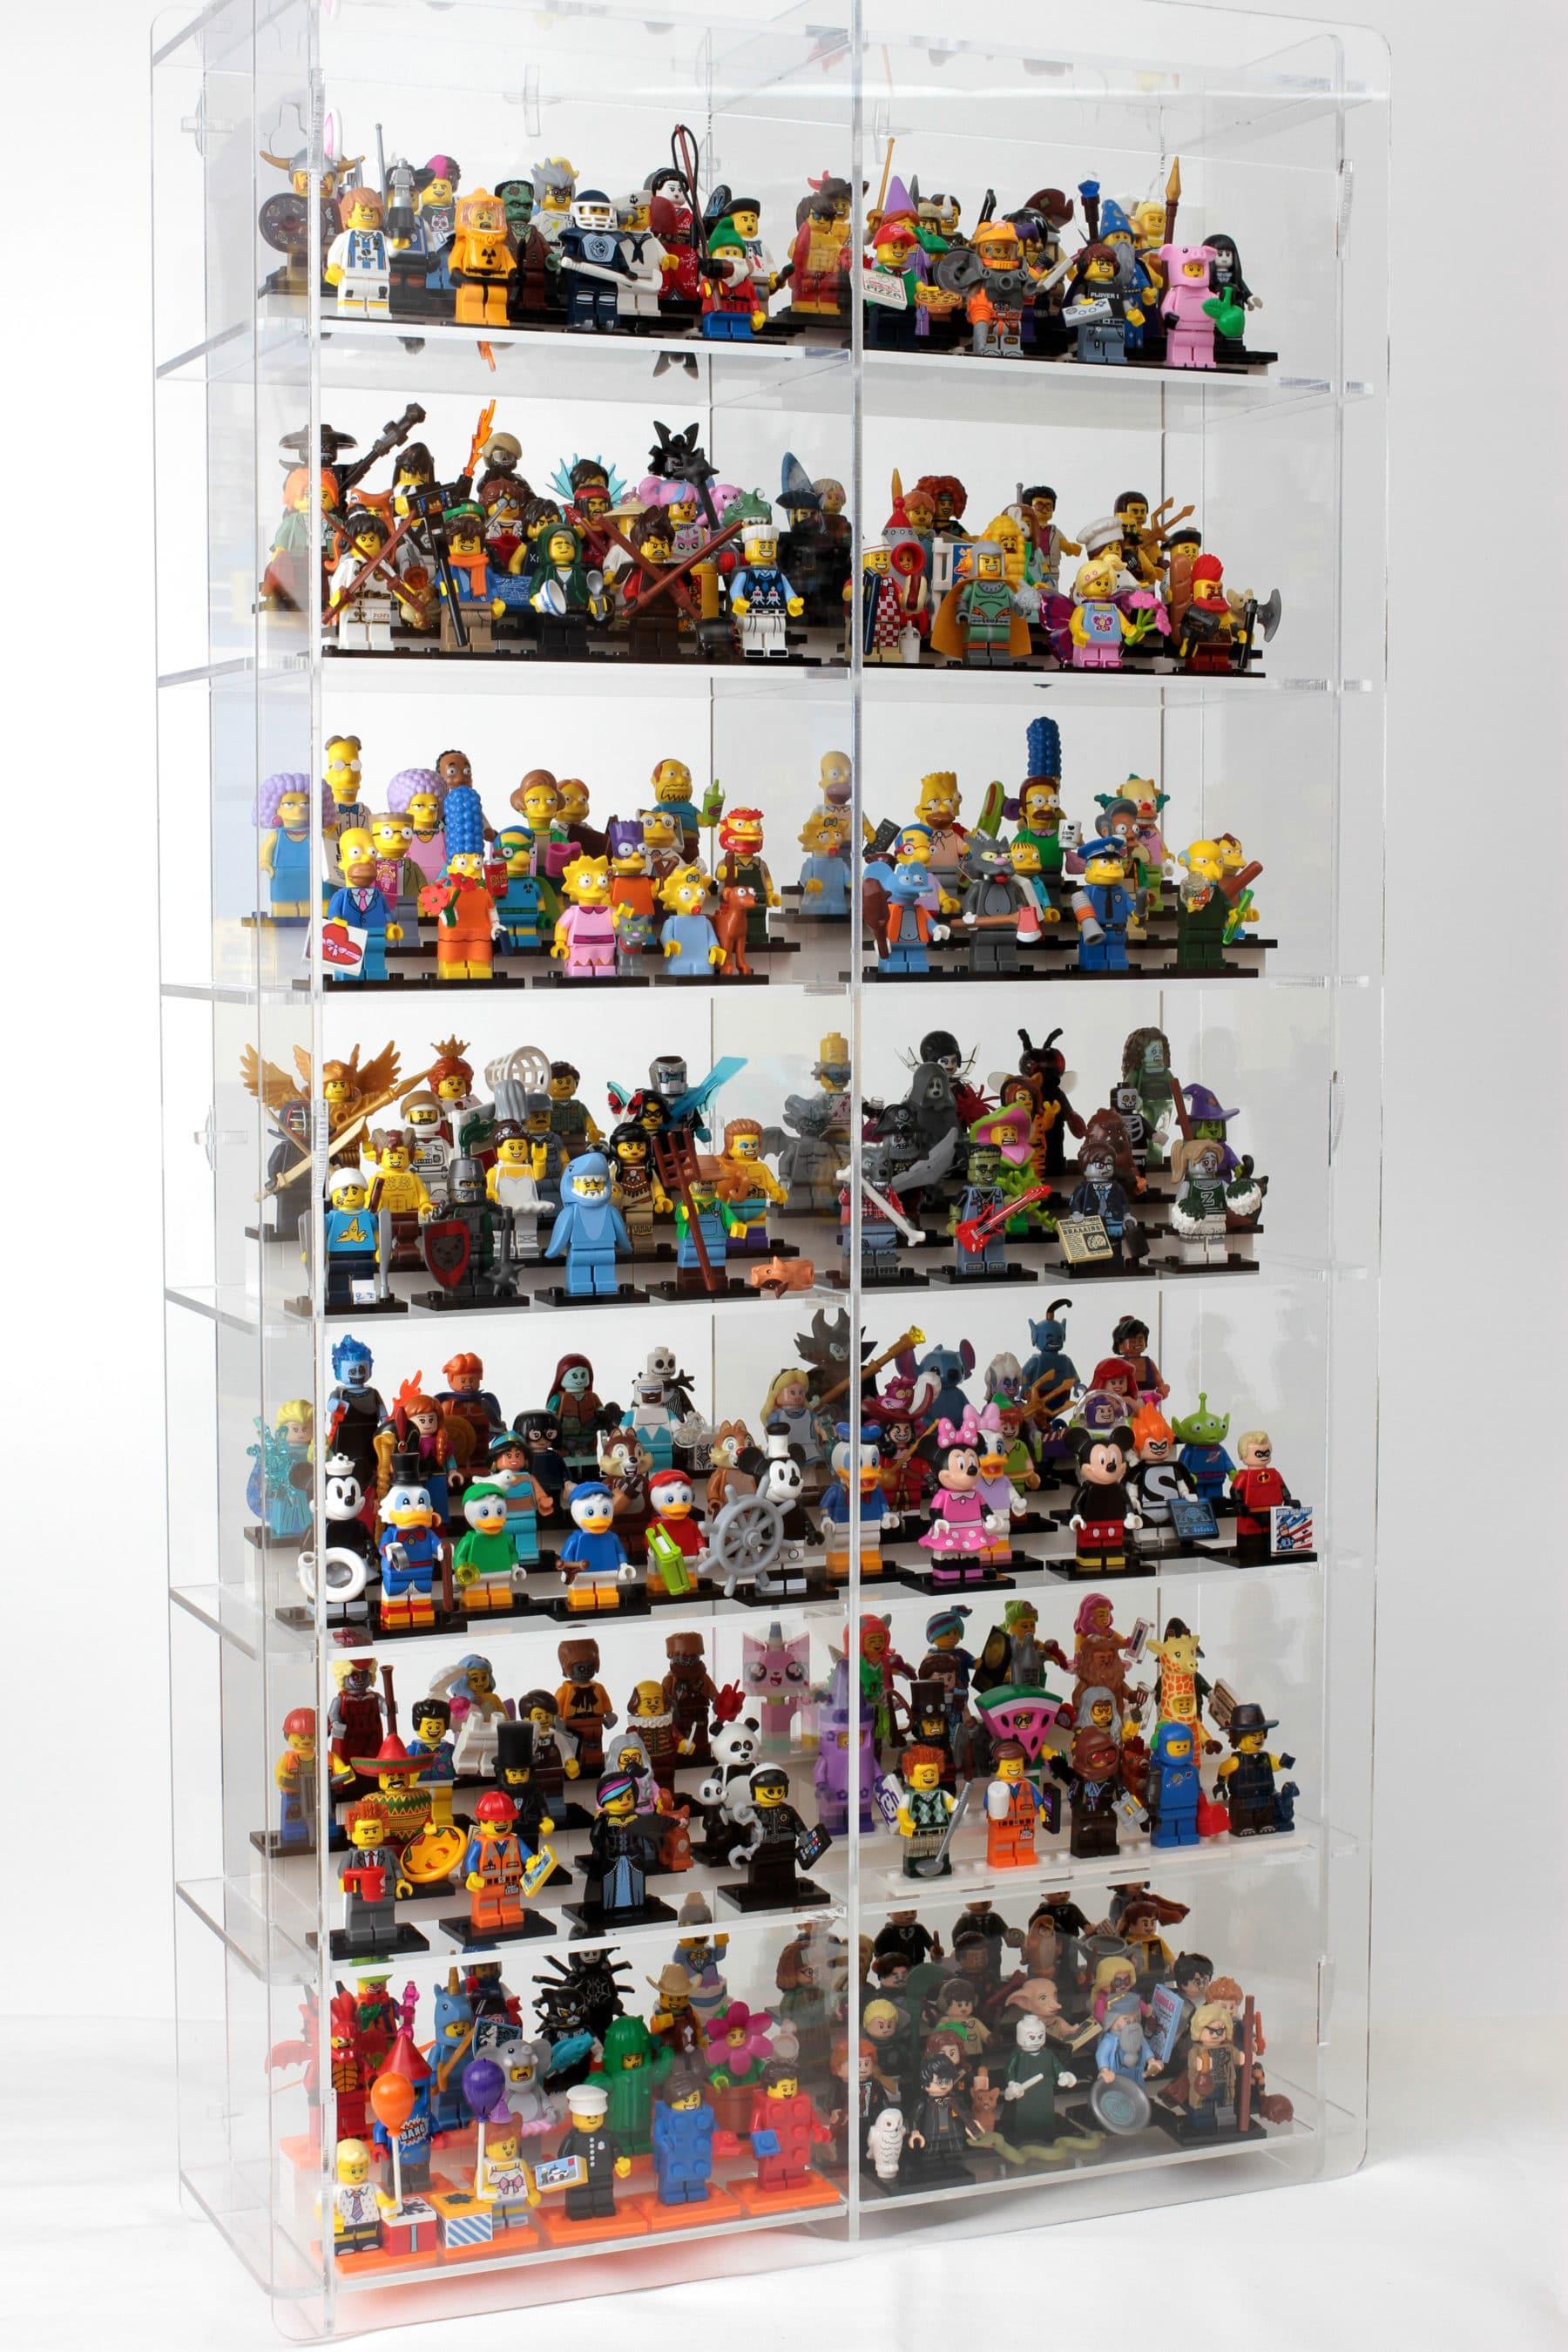 Diese Vitrine enthält 243 Minifiguren auf einer Wandfläche von nur 75 cm x 40 cm.